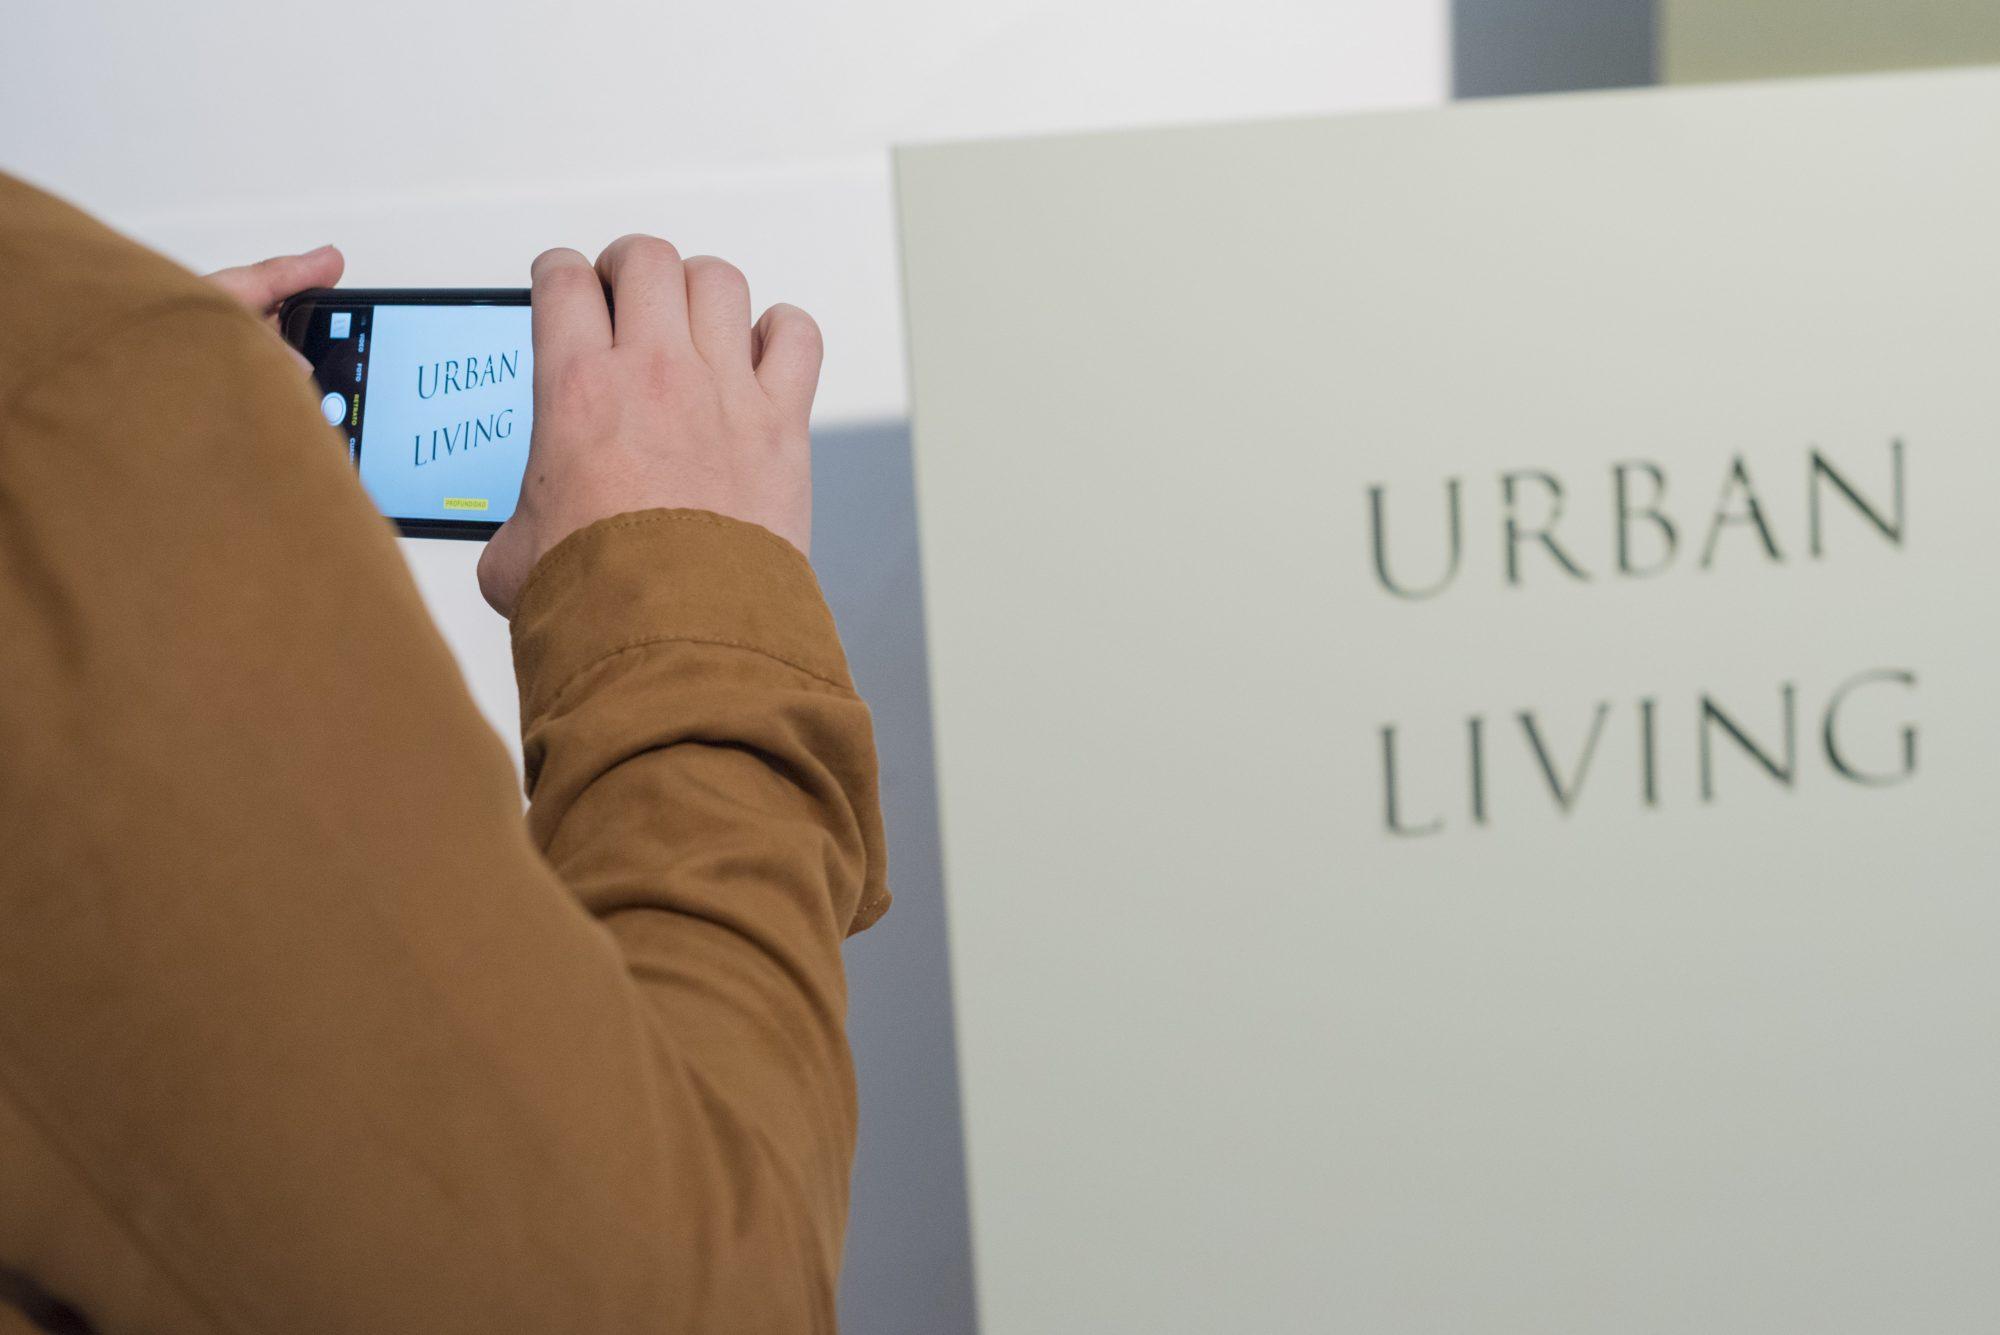 Urban living: inspirada en ciudades modernas